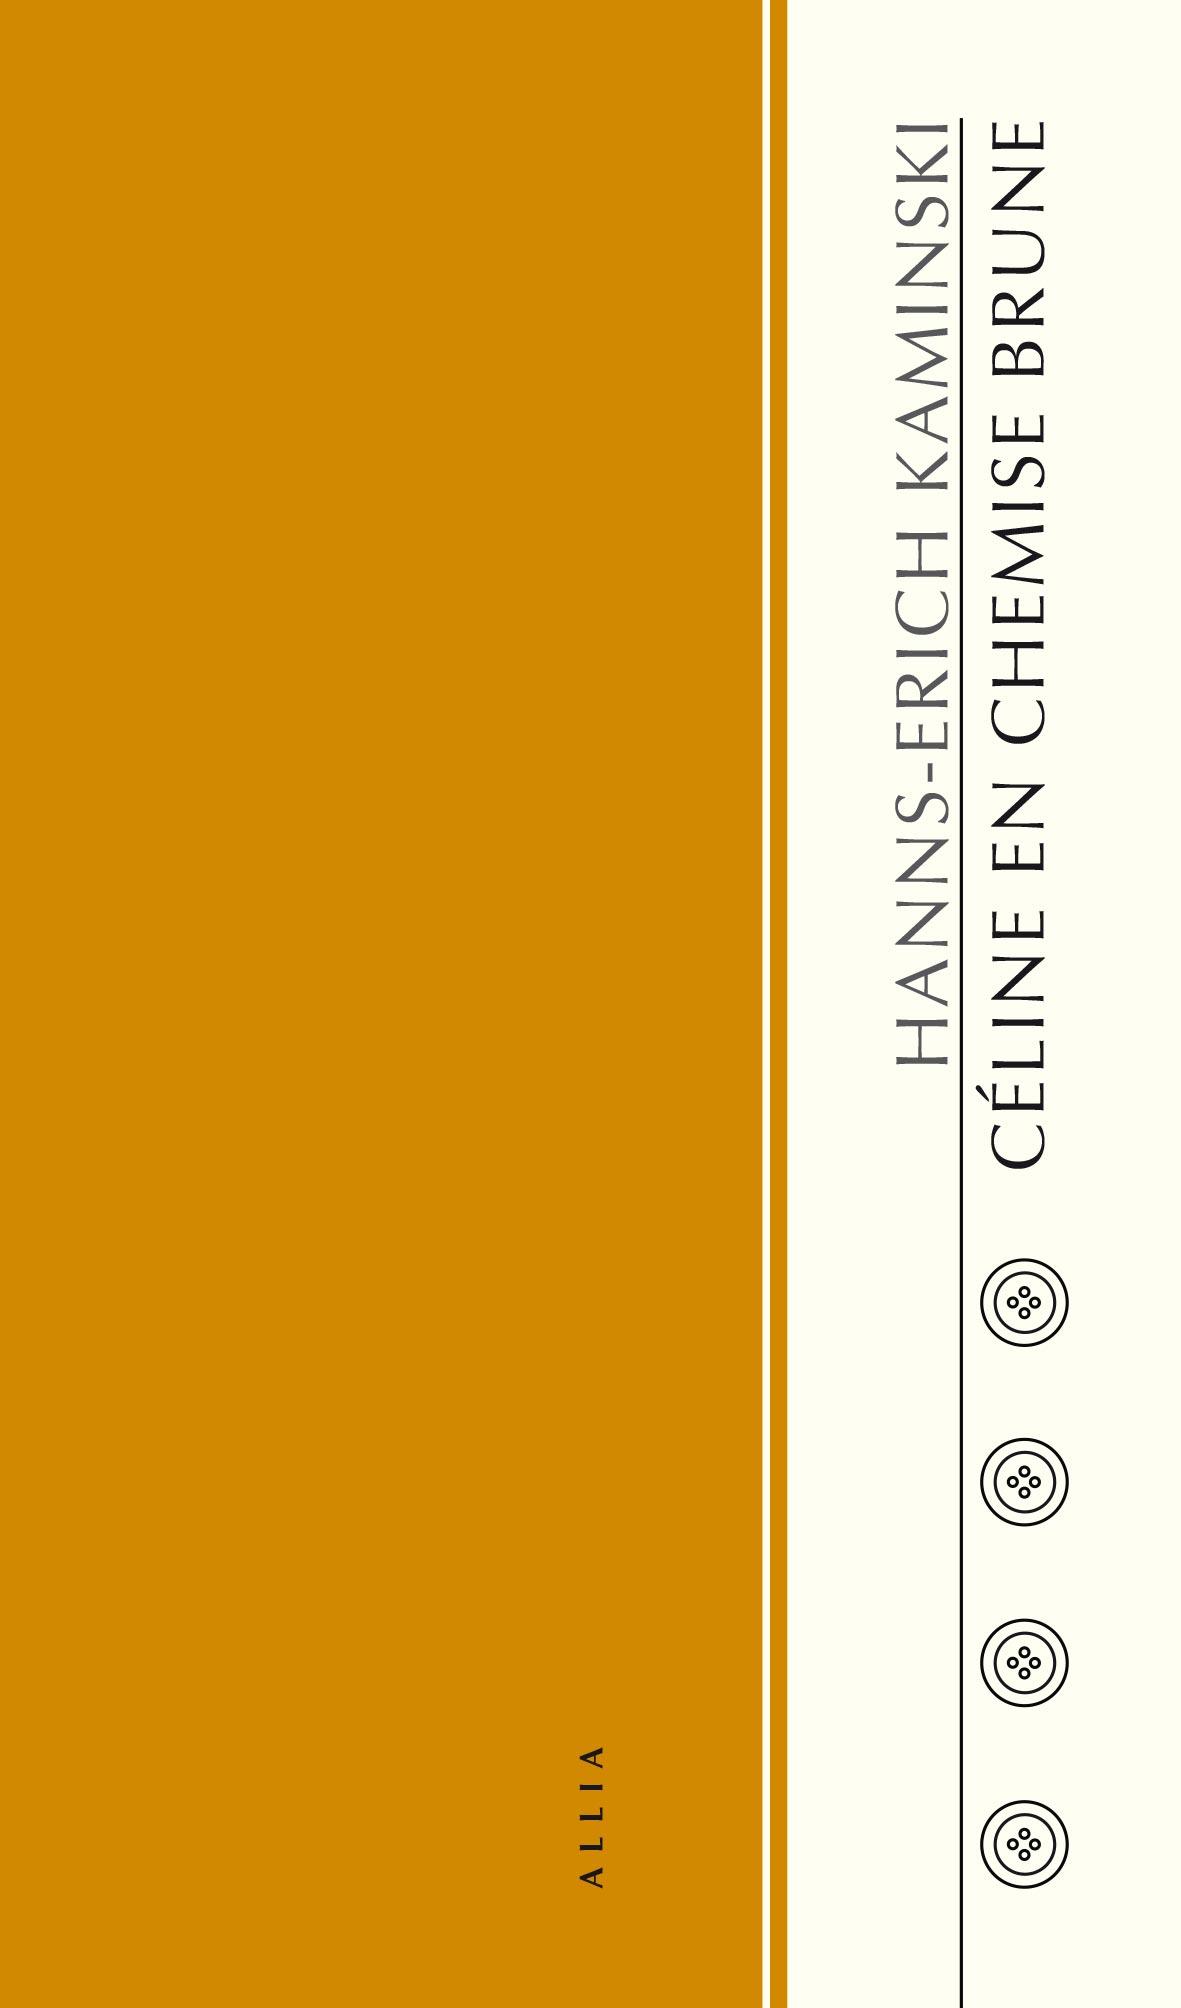 H.E. Kaminski, Céline en chemise brune